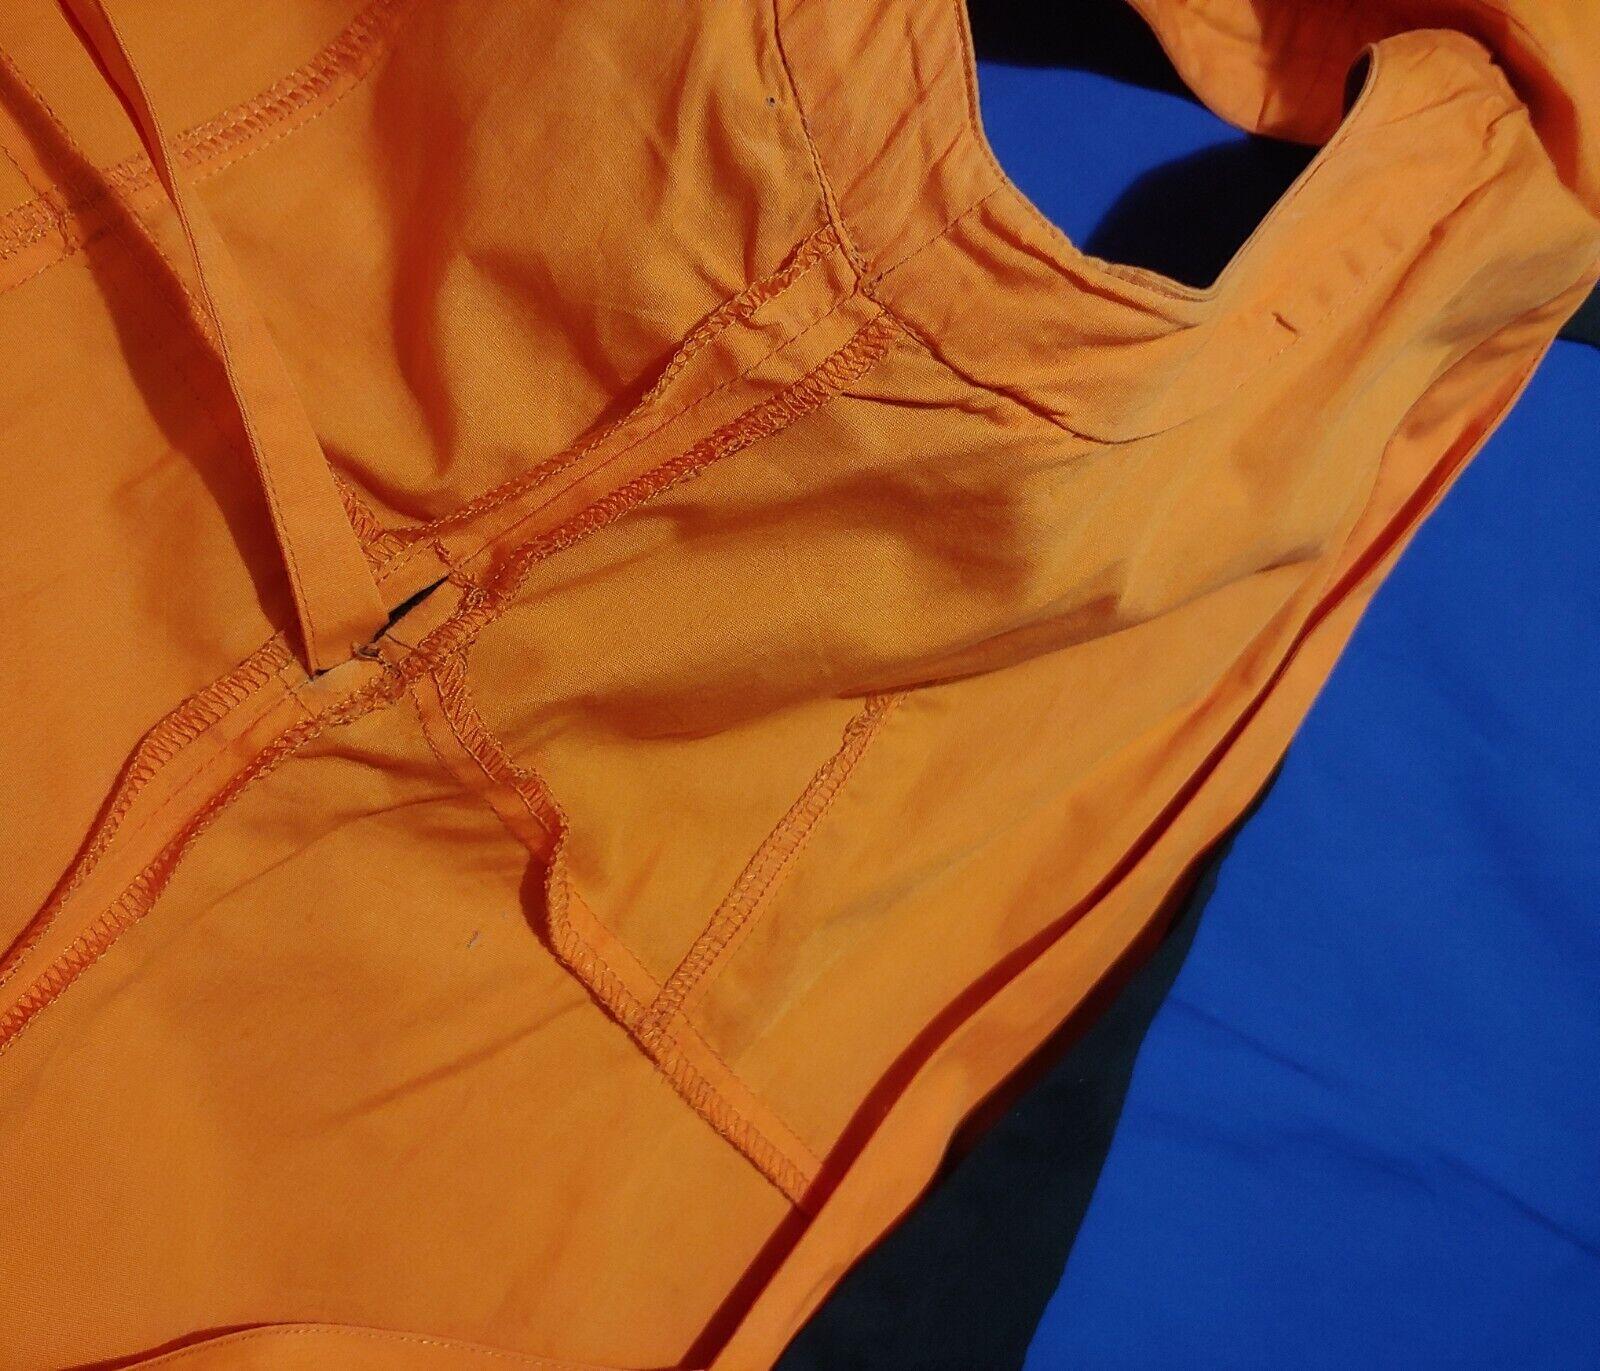 Deals Rumung DRESS woman 90's JC de CASTELBAJAC paris TG .44 S/M ...